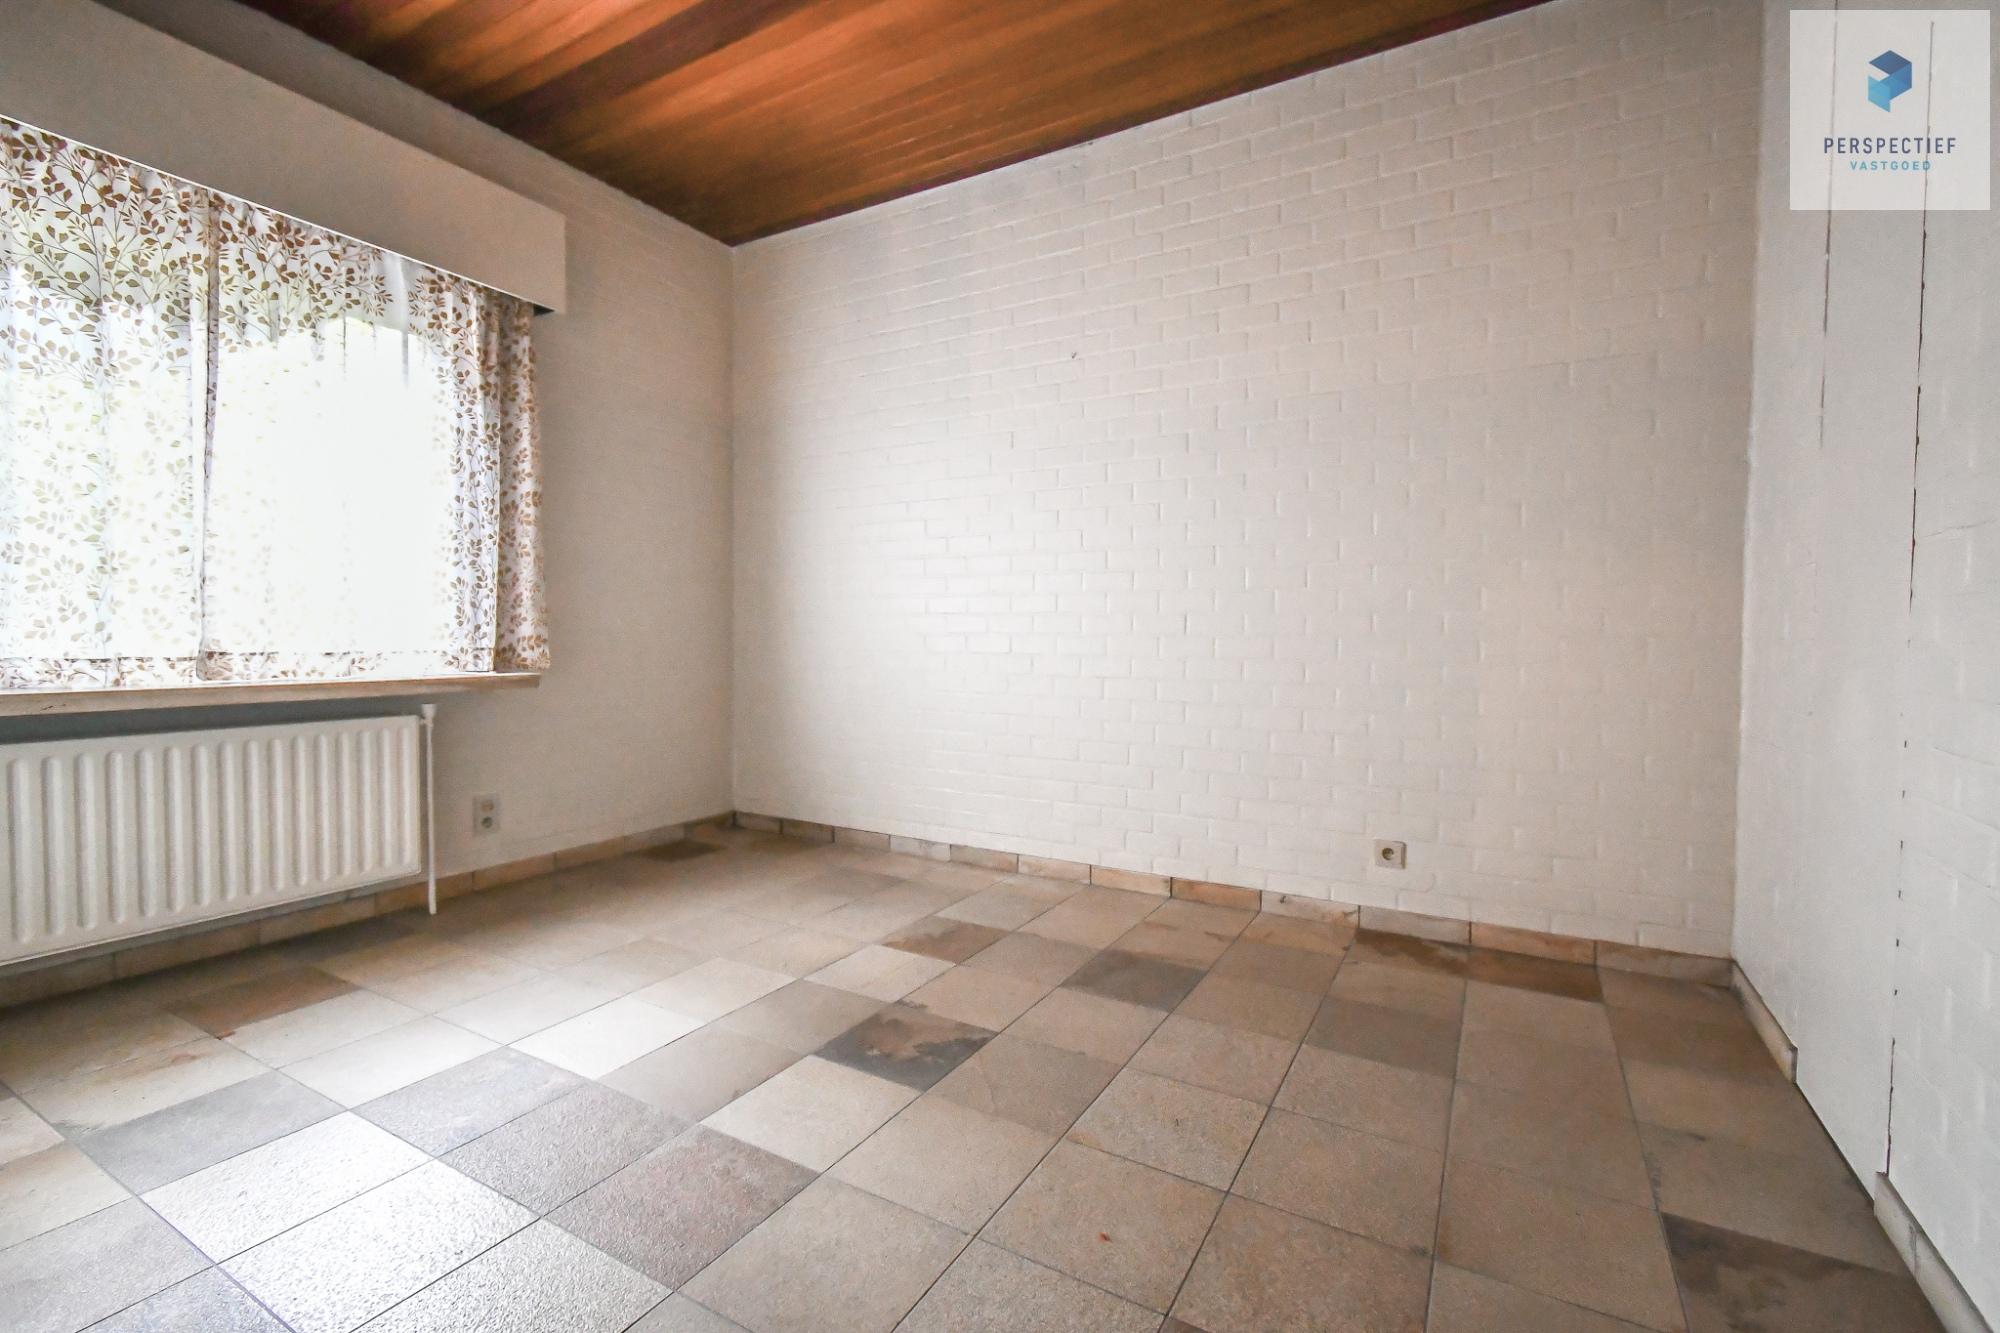 | IN OPTIE | Vrijstaandearchitecturale woningop eentoplocatie, ideaal voor een zelfstandigepraktijk! - 13